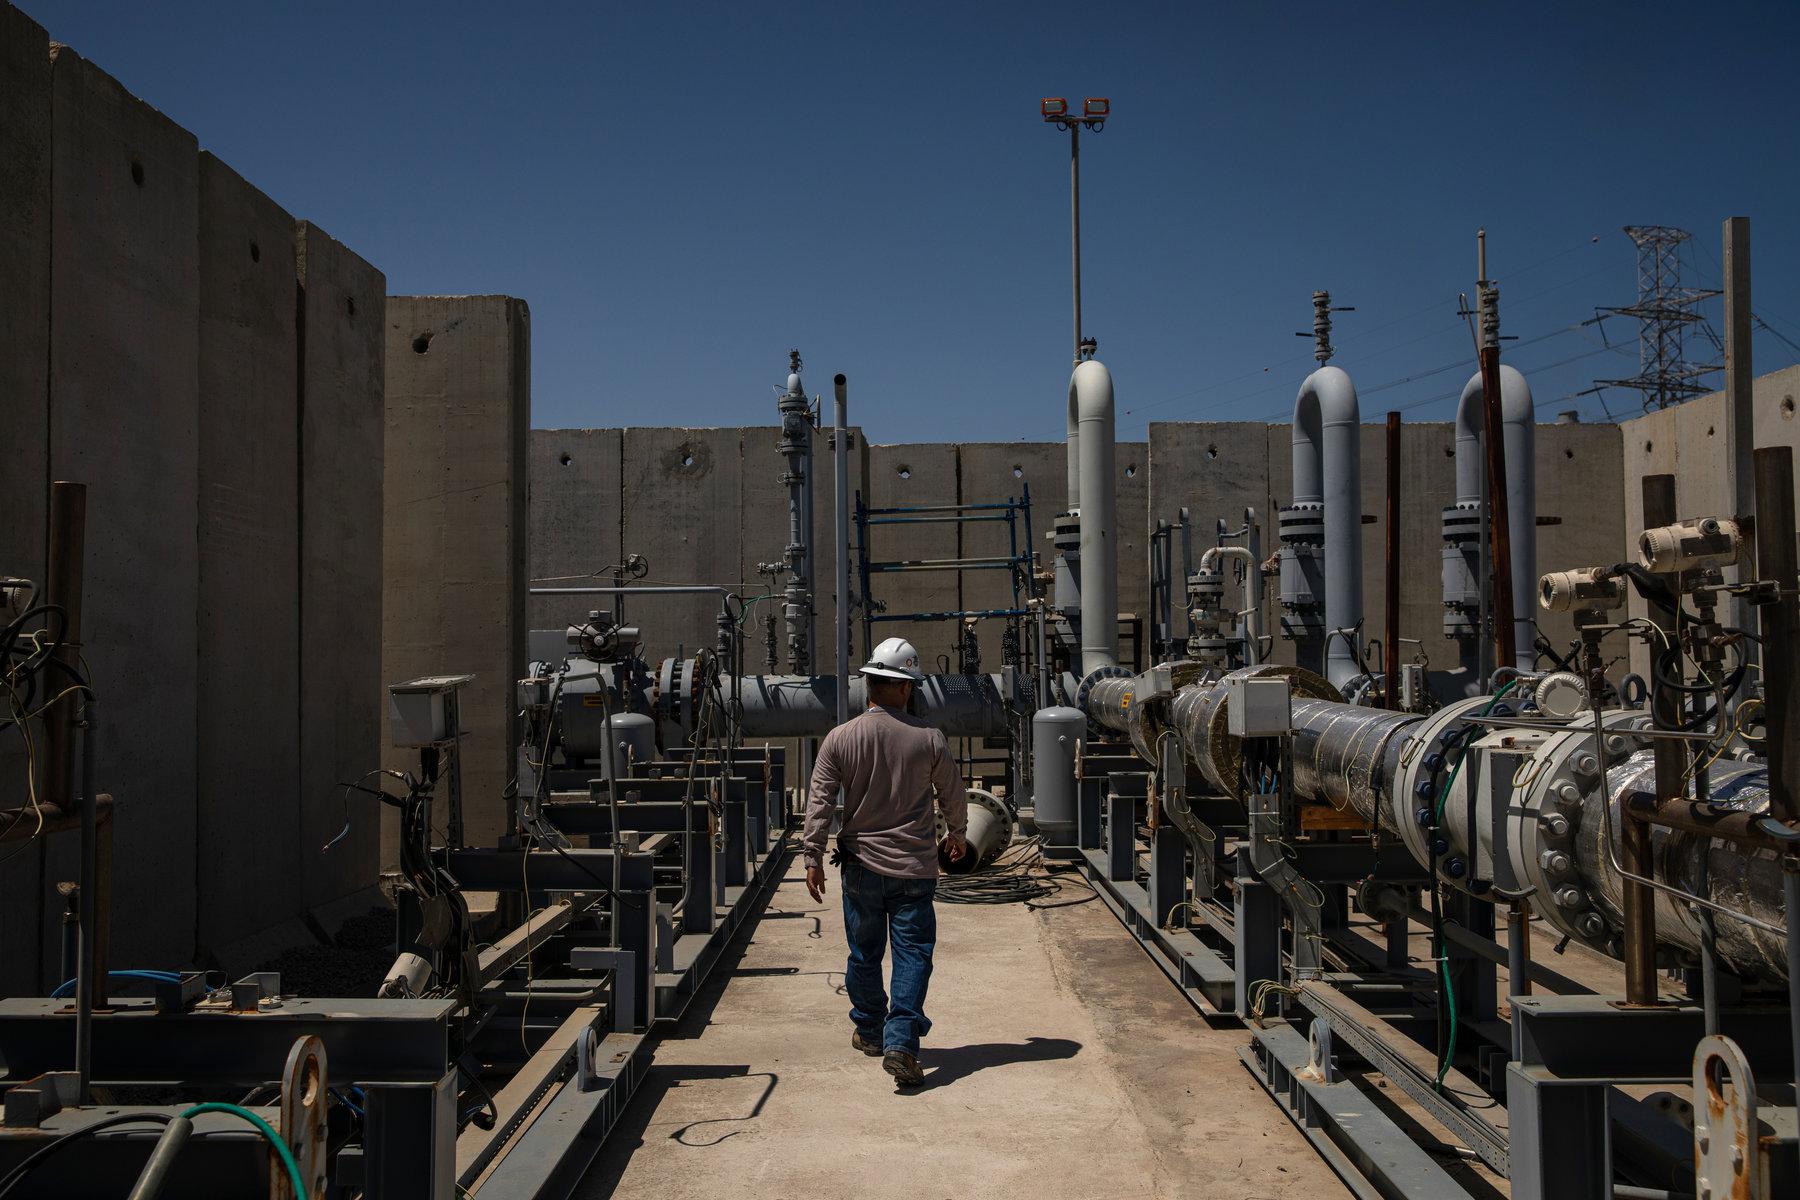 Giá gas hôm nay 3/2: Nhu cầu suy yếu, giá khí đốt tự nhiên giảm trở lại - Ảnh 1.